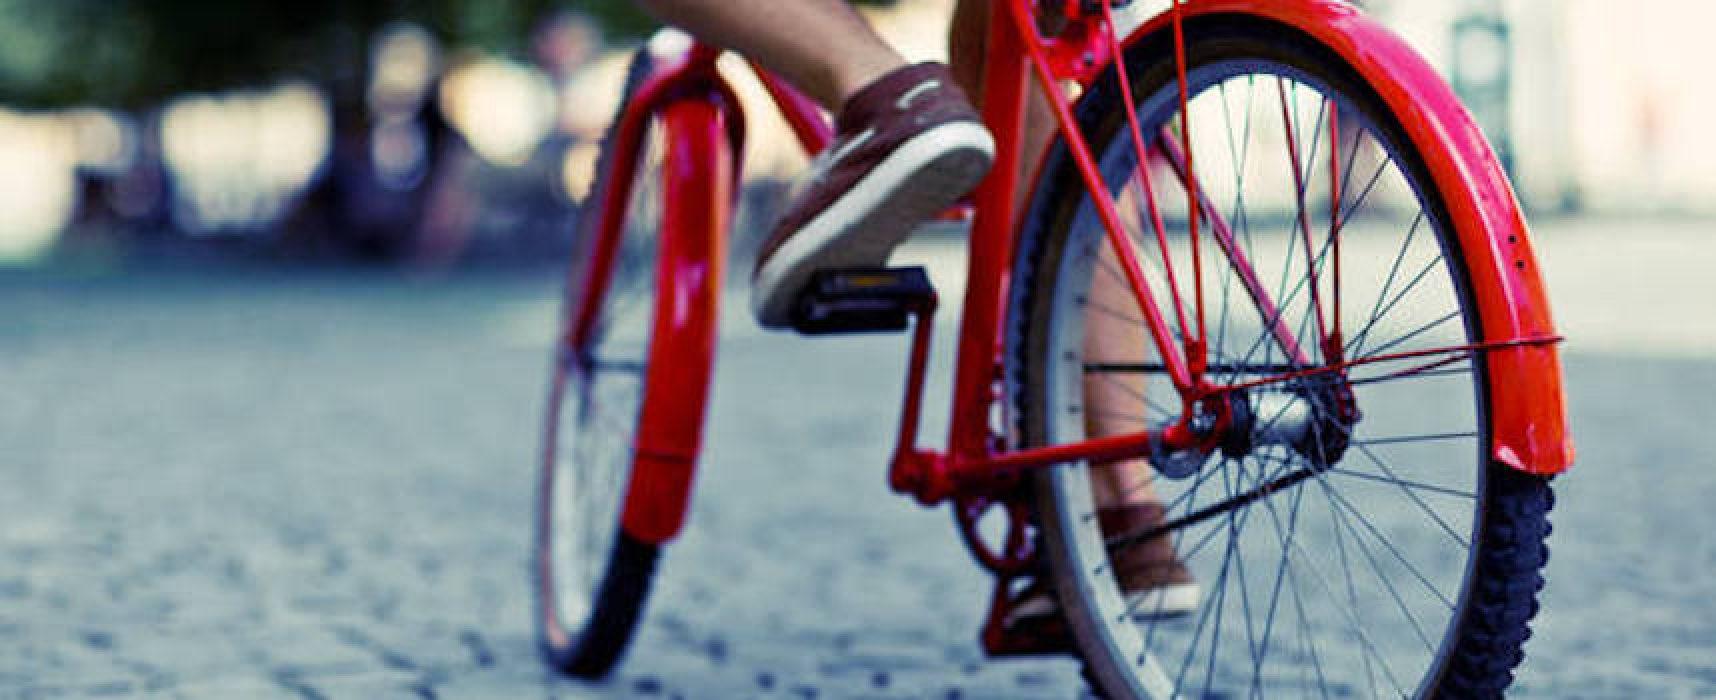 """Marco Di Leo: """"È ora di regalare le biciclette ai 14enni come detto in campagna elettorale"""""""